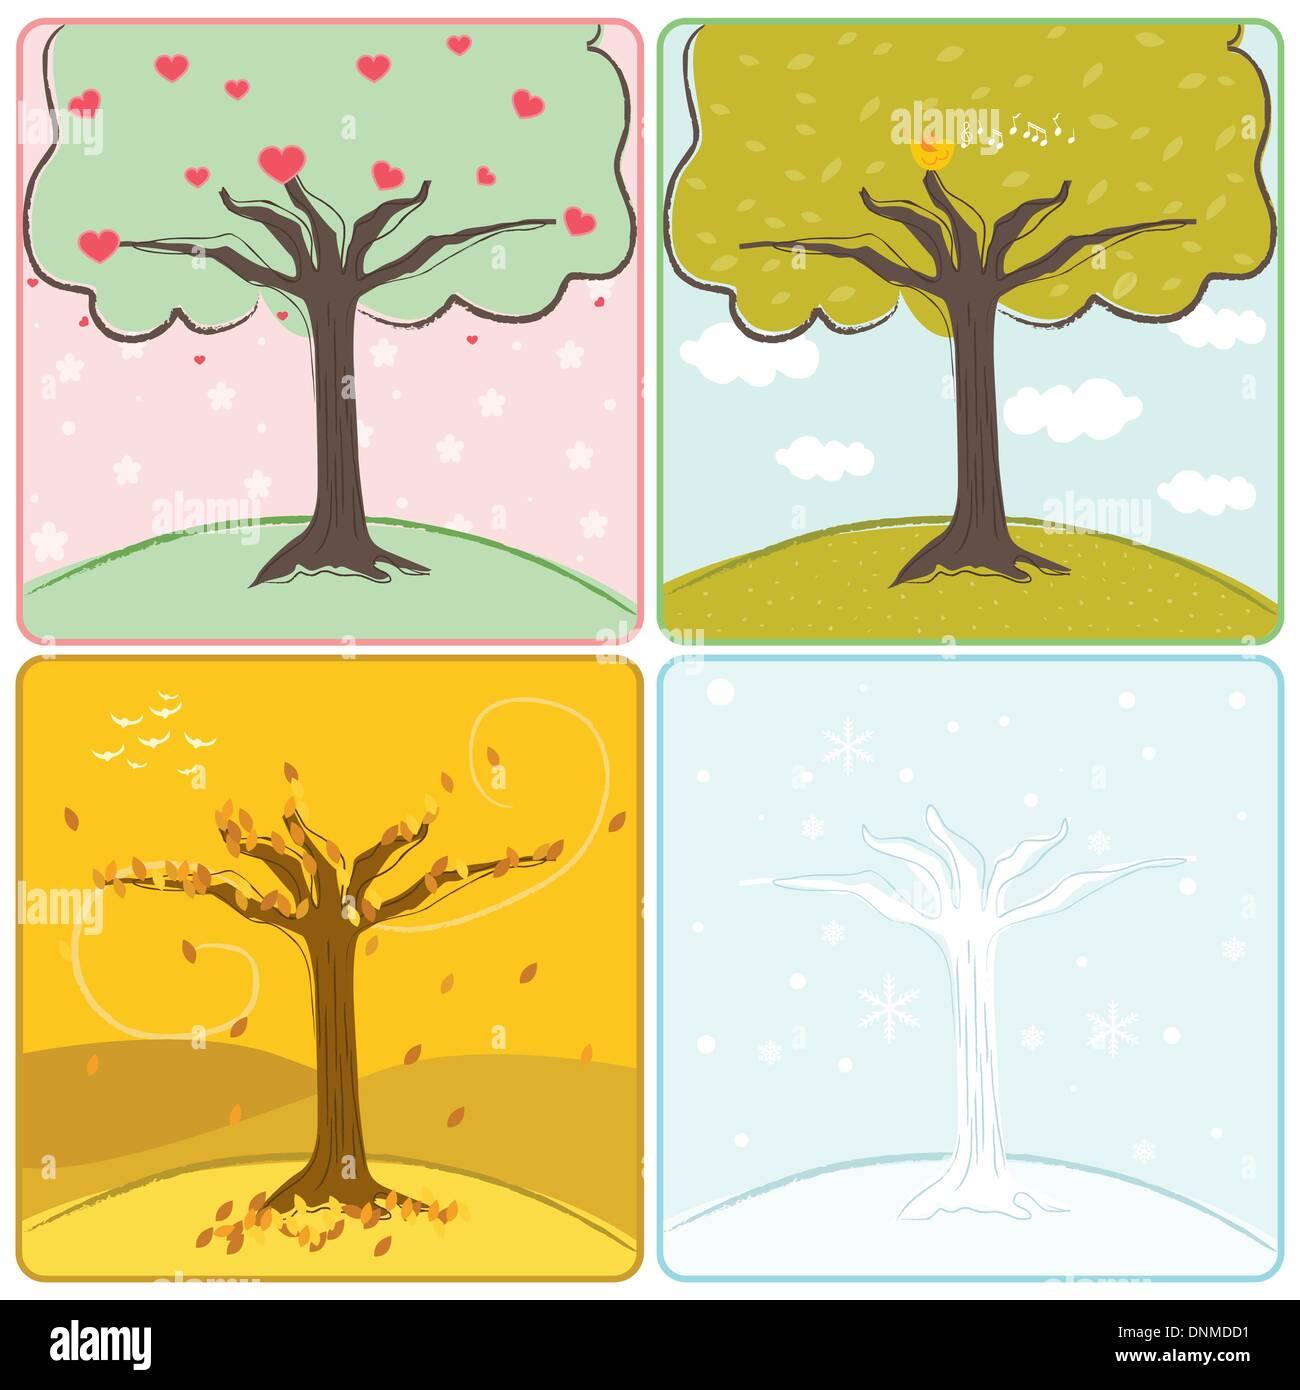 Eine Vektor-Illustration von einem Baum in vier Jahreszeiten Stockbild